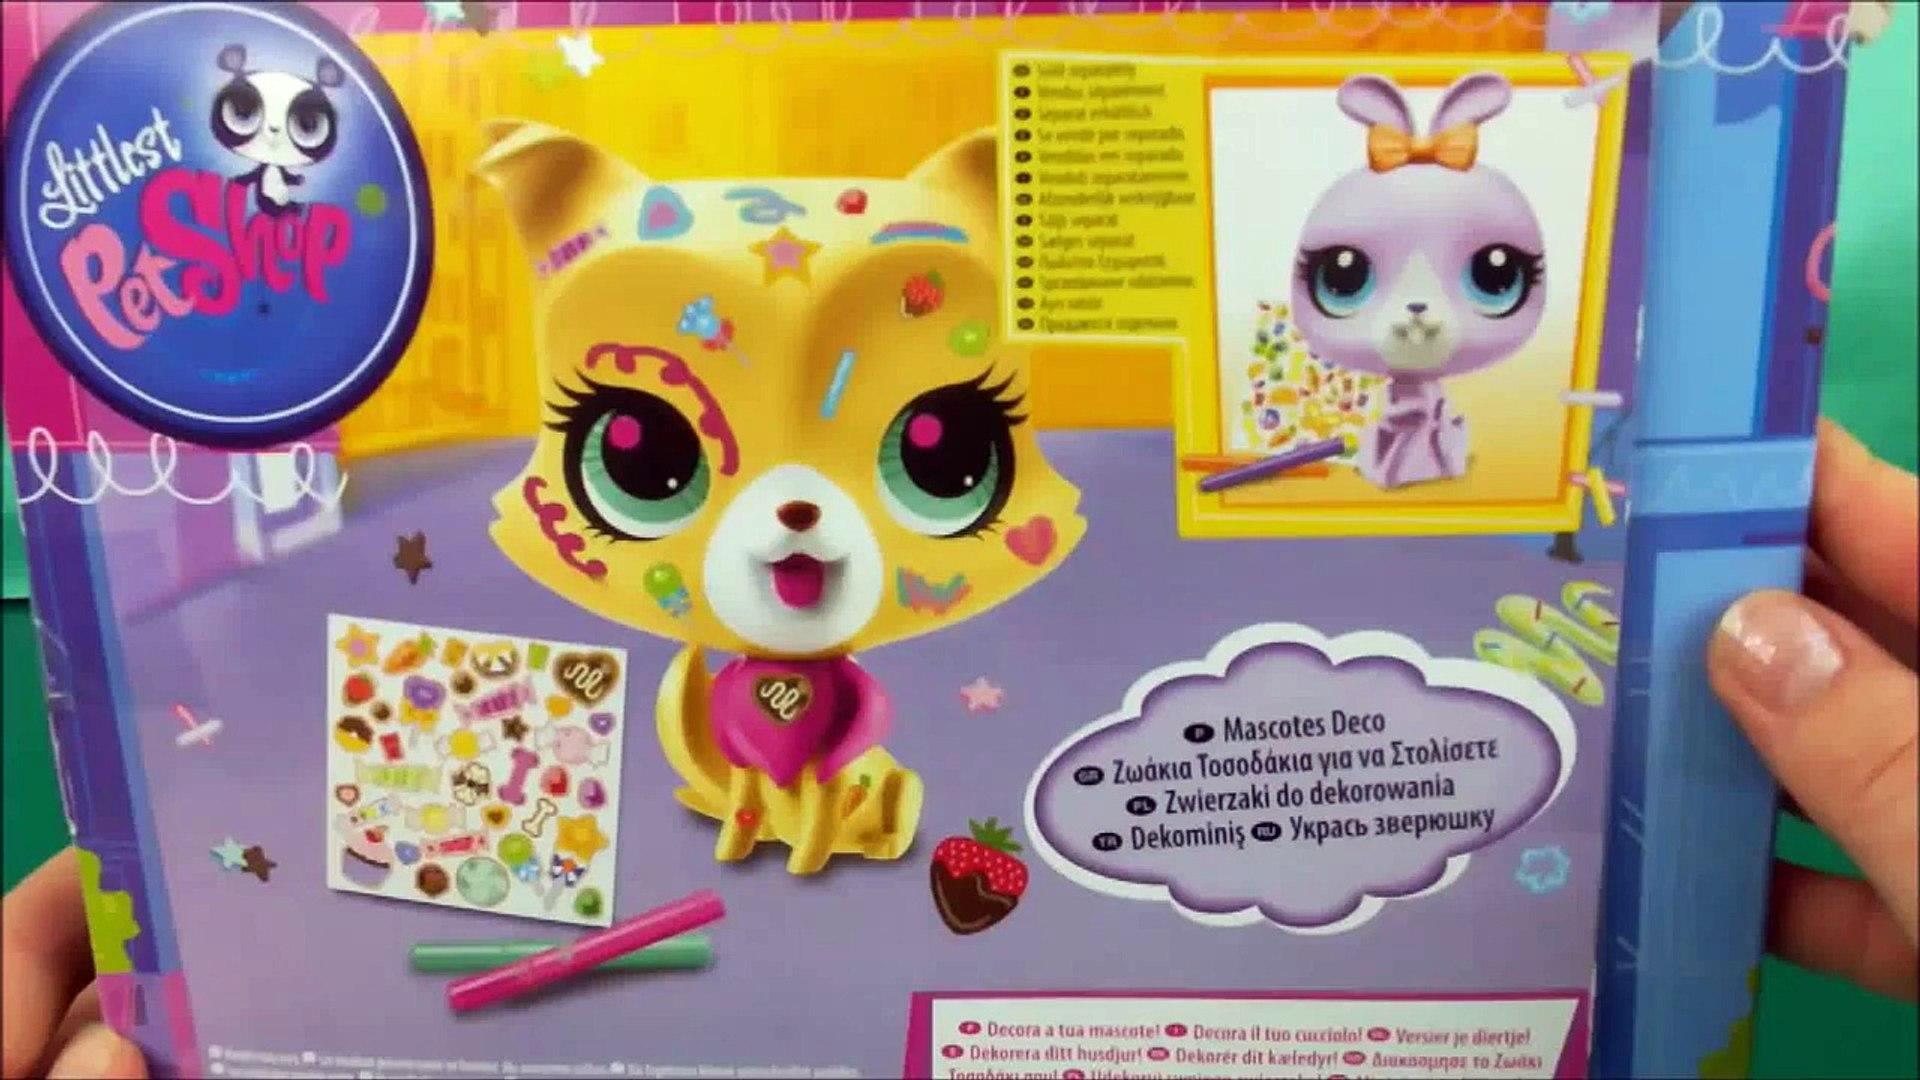 LPS Littlest Pet Shop Decorate your Pet, Deco Pets, Deko Tierchen